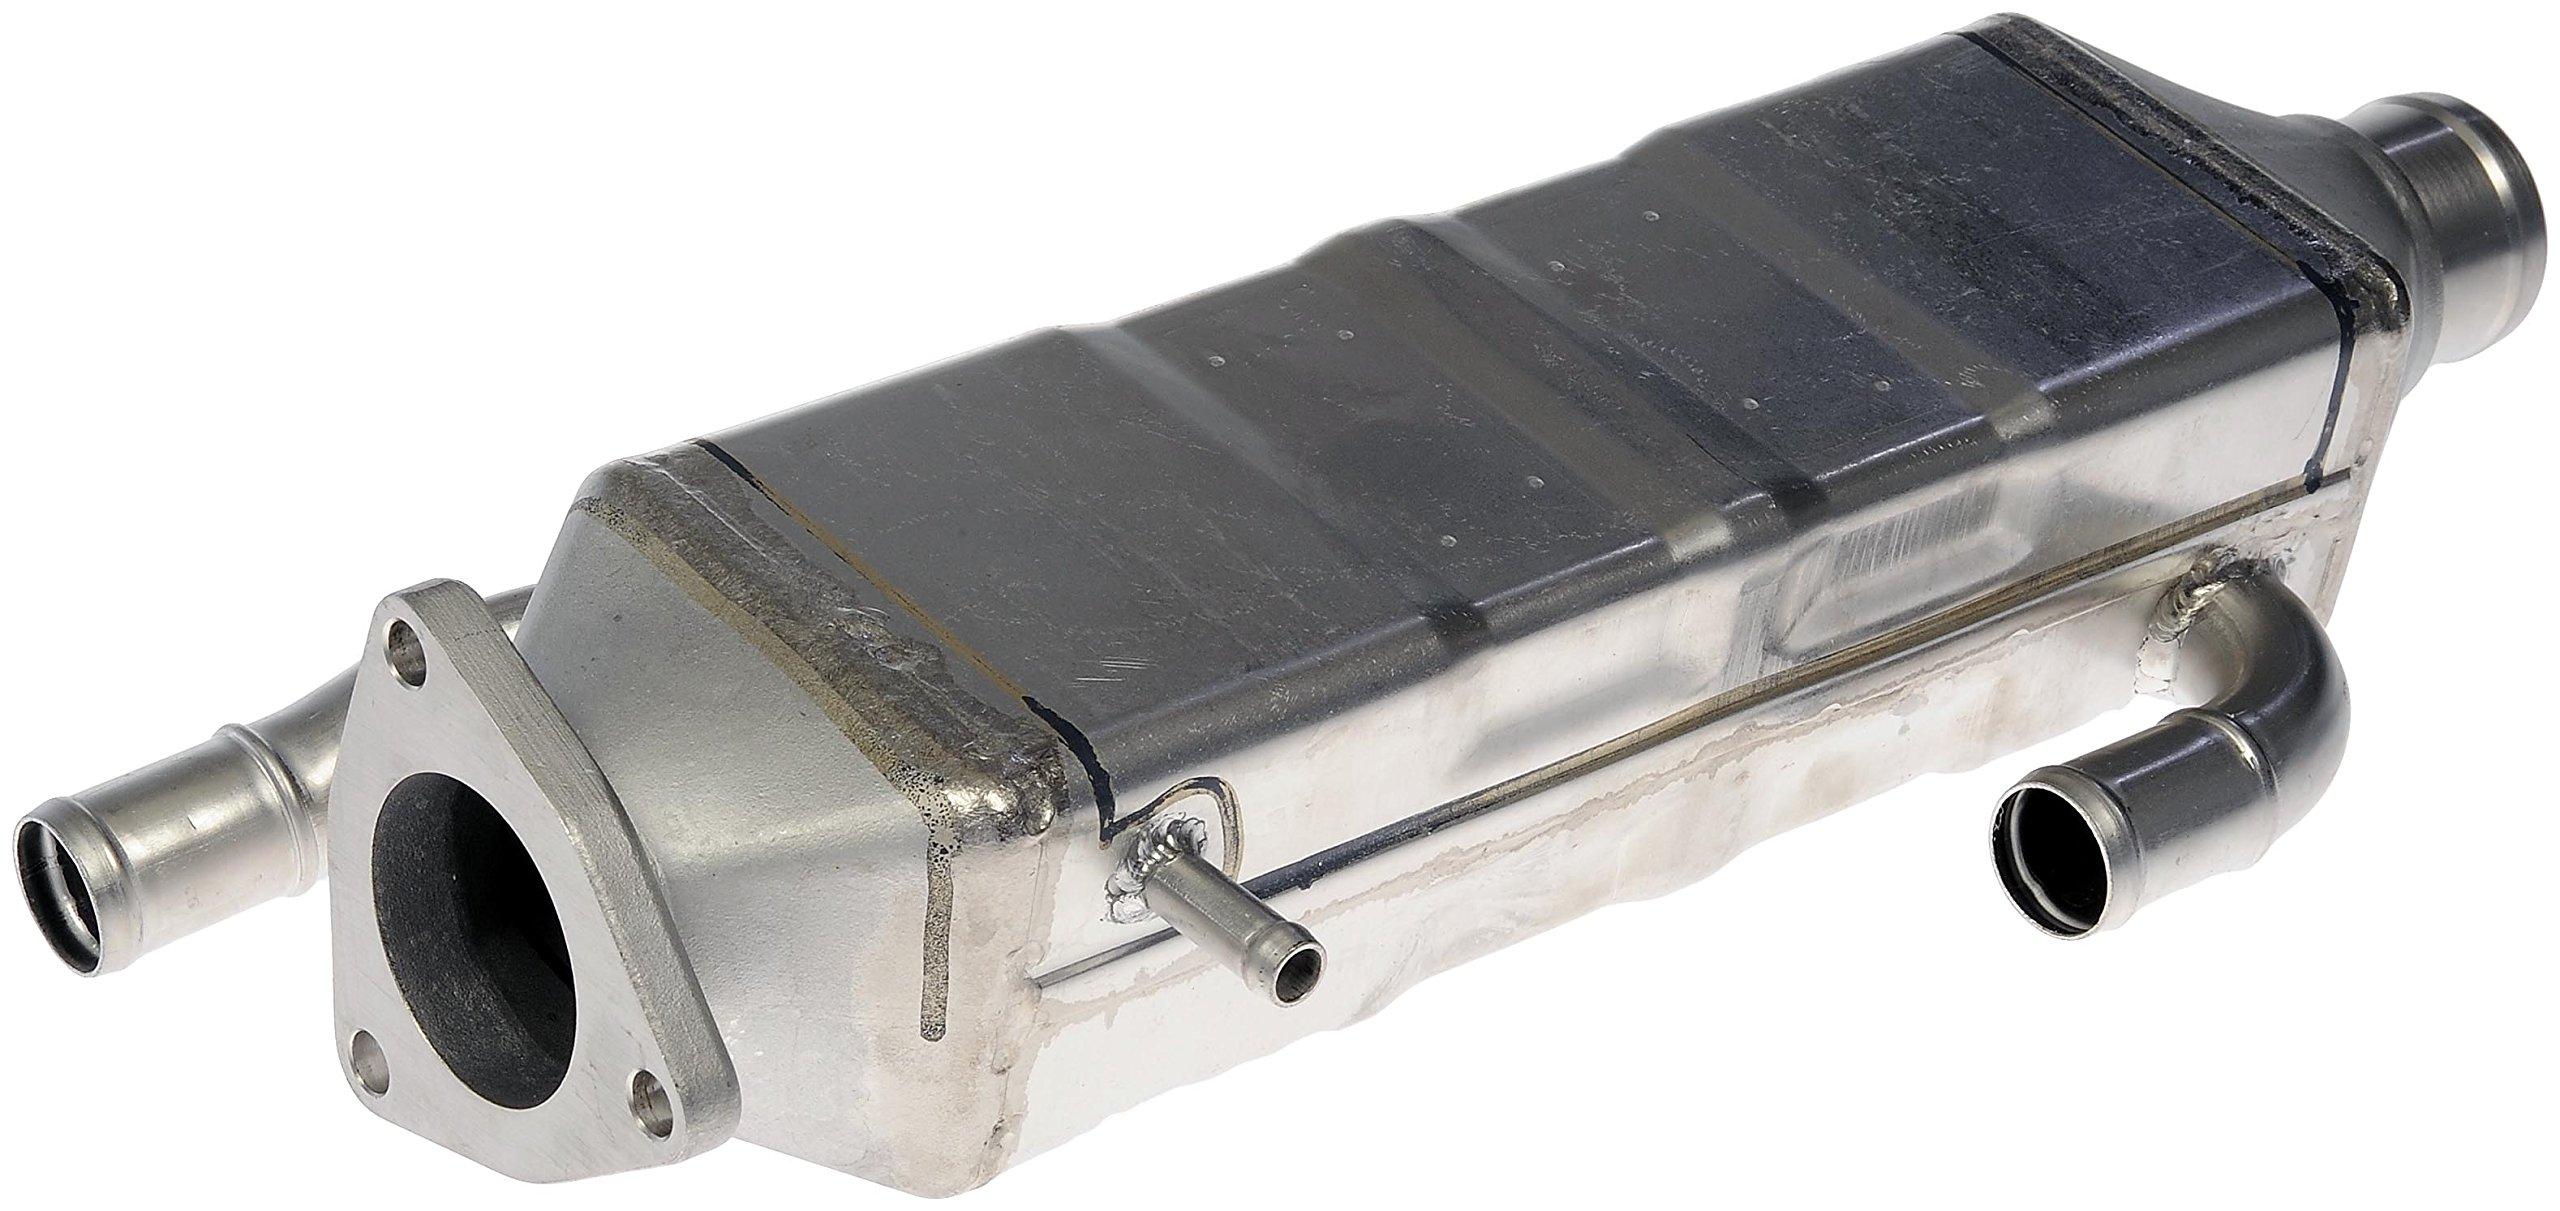 Dorman 904-5031 Exhaust Gas Recirculation Cooler